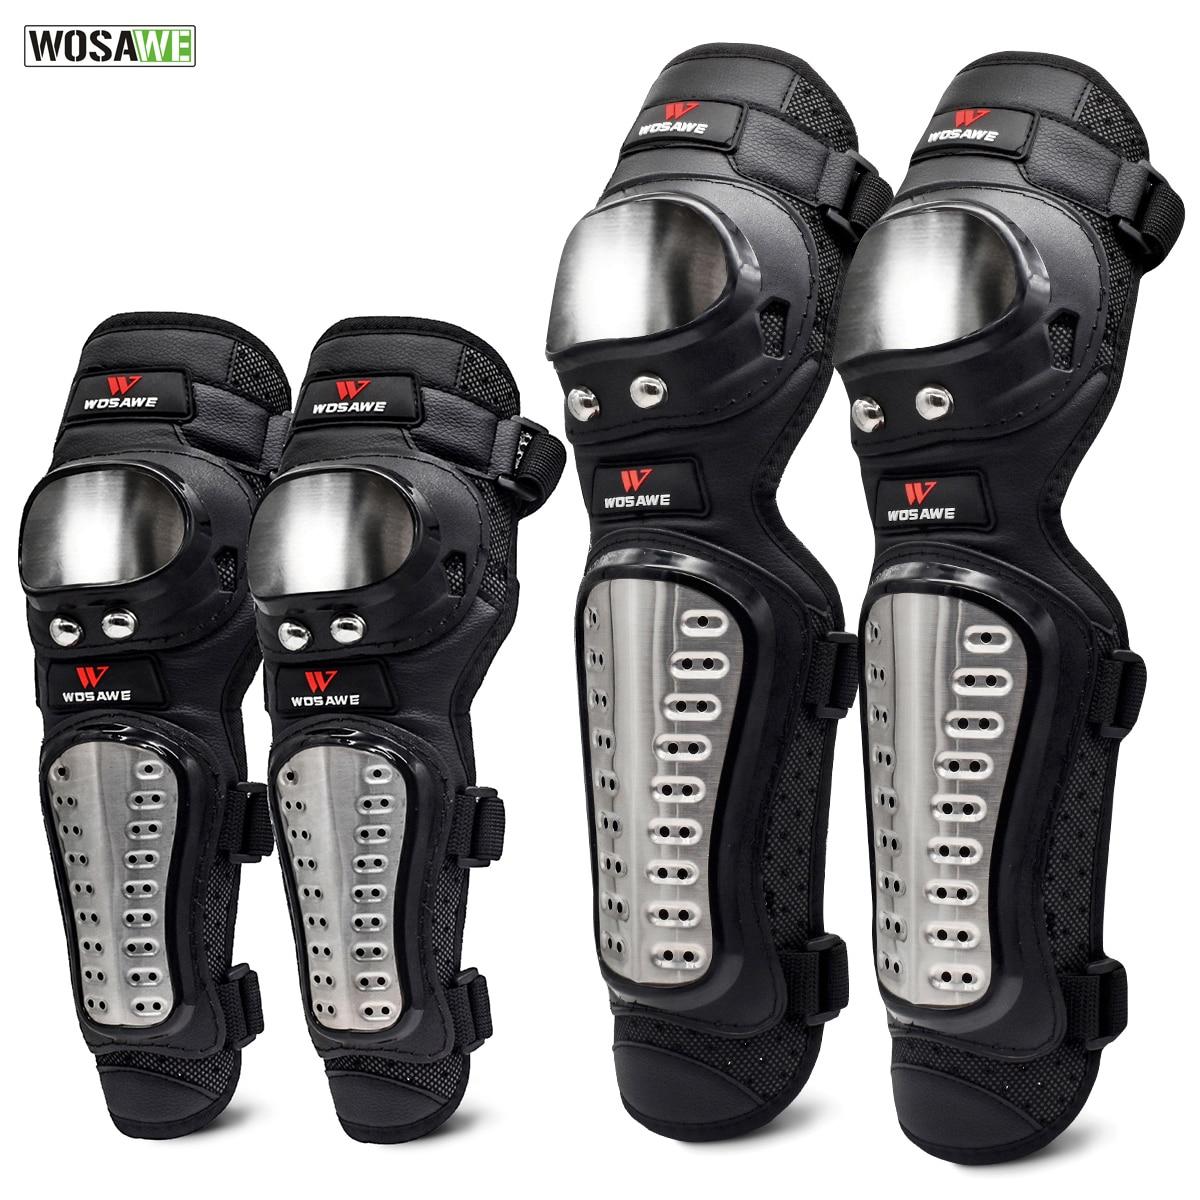 43364e3f5 WOSAWE 4 pçs set Aço Inoxidável Cotovelo Knee Pads Pad Motocicleta Joelho  Armadura Moto Racing